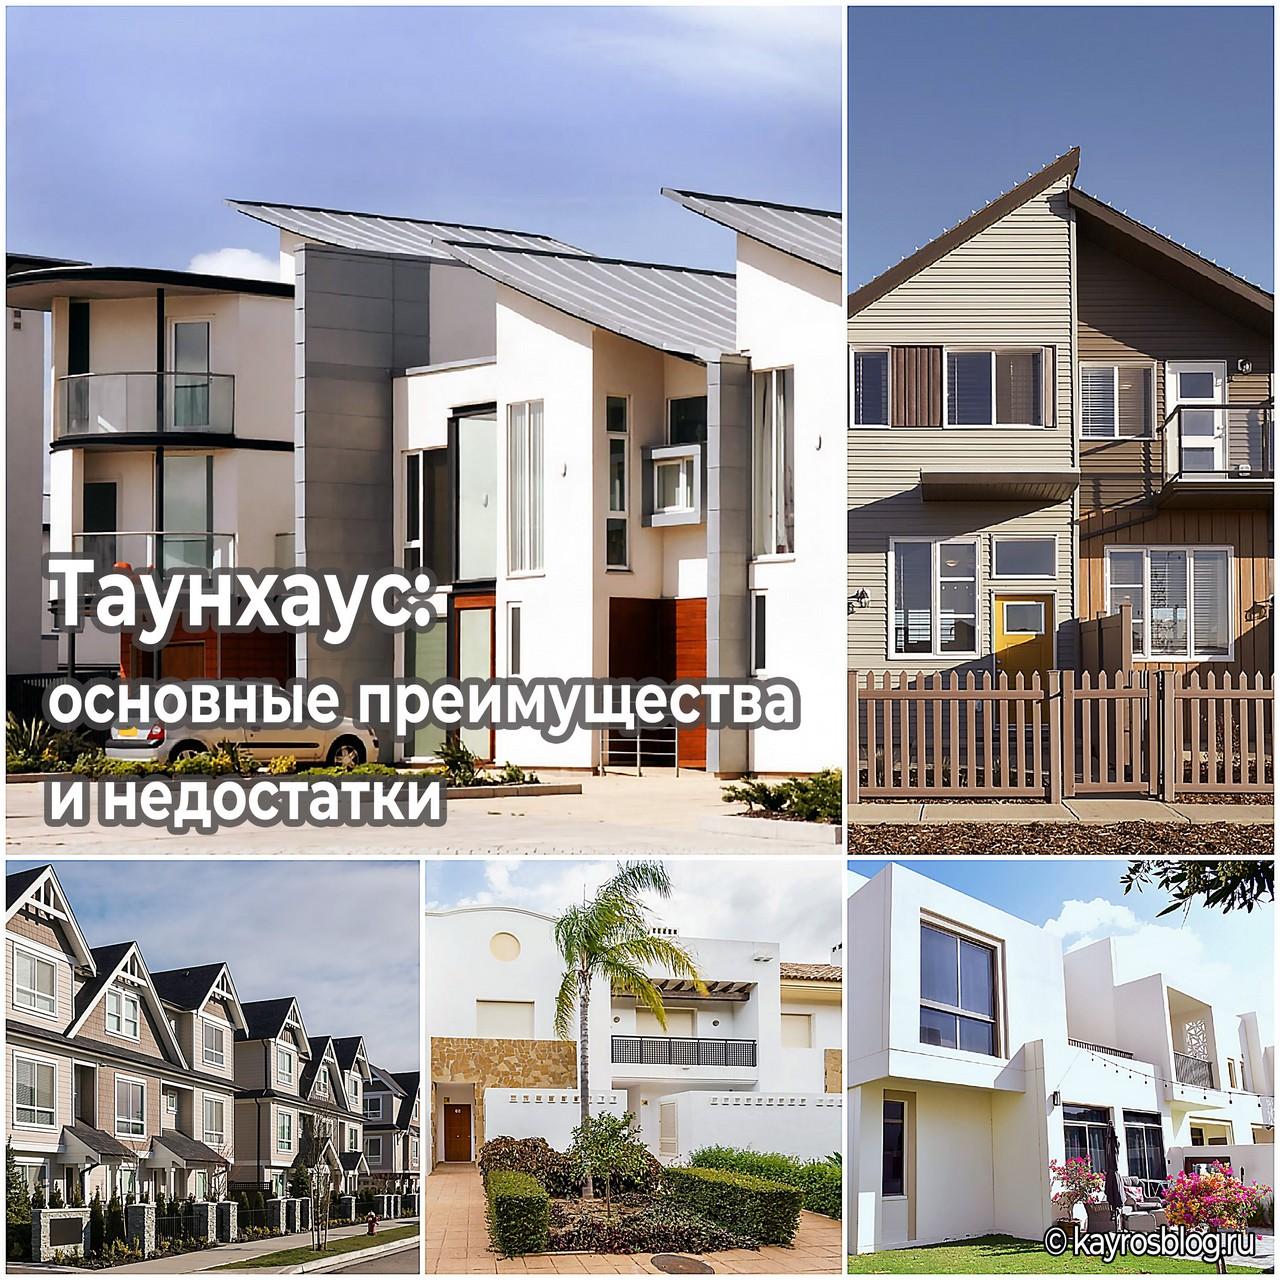 Таунхаус в недвижимости: что это такое и чем отличается от других типов домов